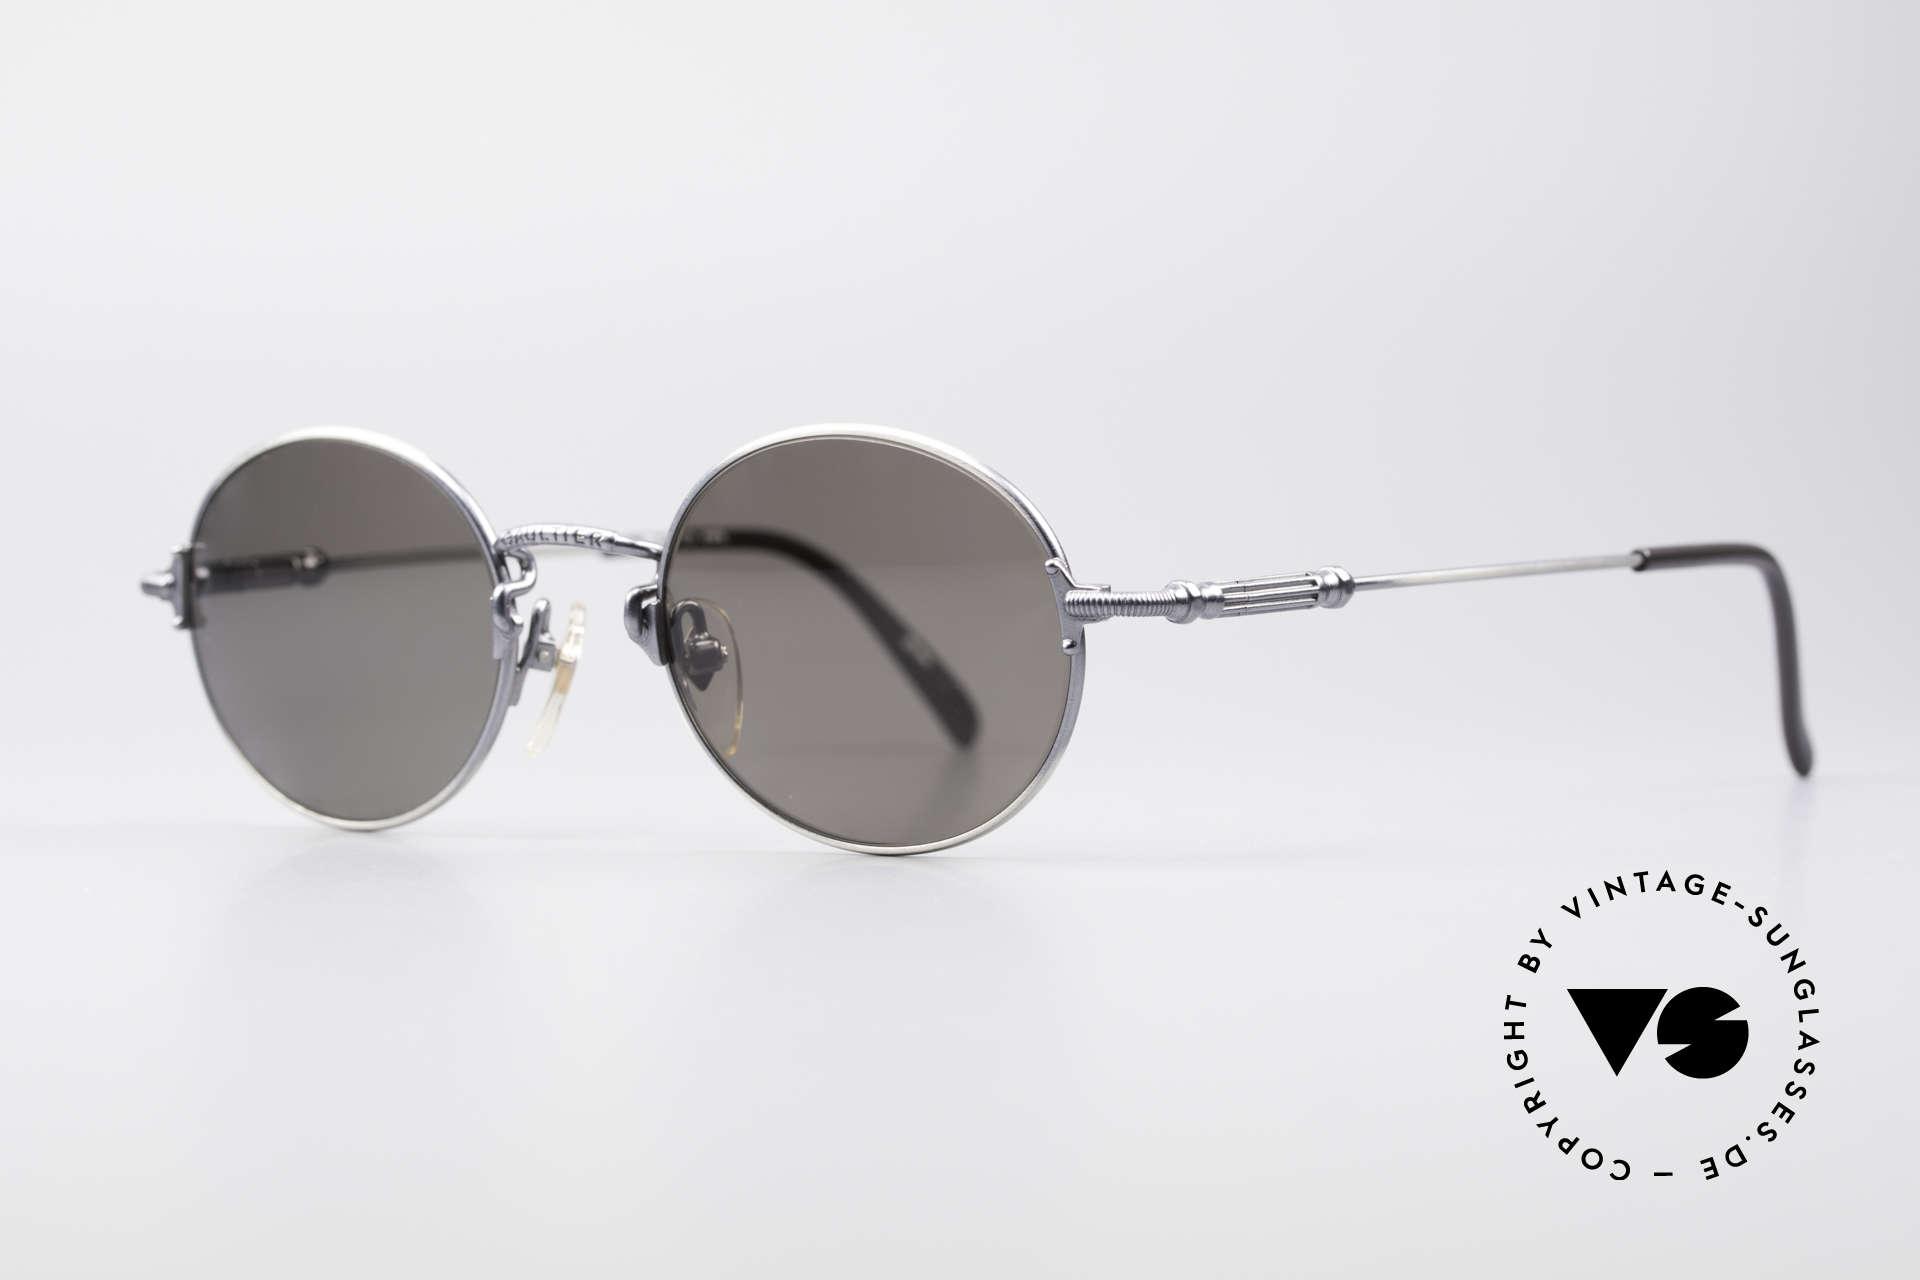 Jean Paul Gaultier 55-6109 Kleine Brille Polarisierend, hochwertige Sonnengläser: POLARISIEREND; 100% UV, Passend für Herren und Damen